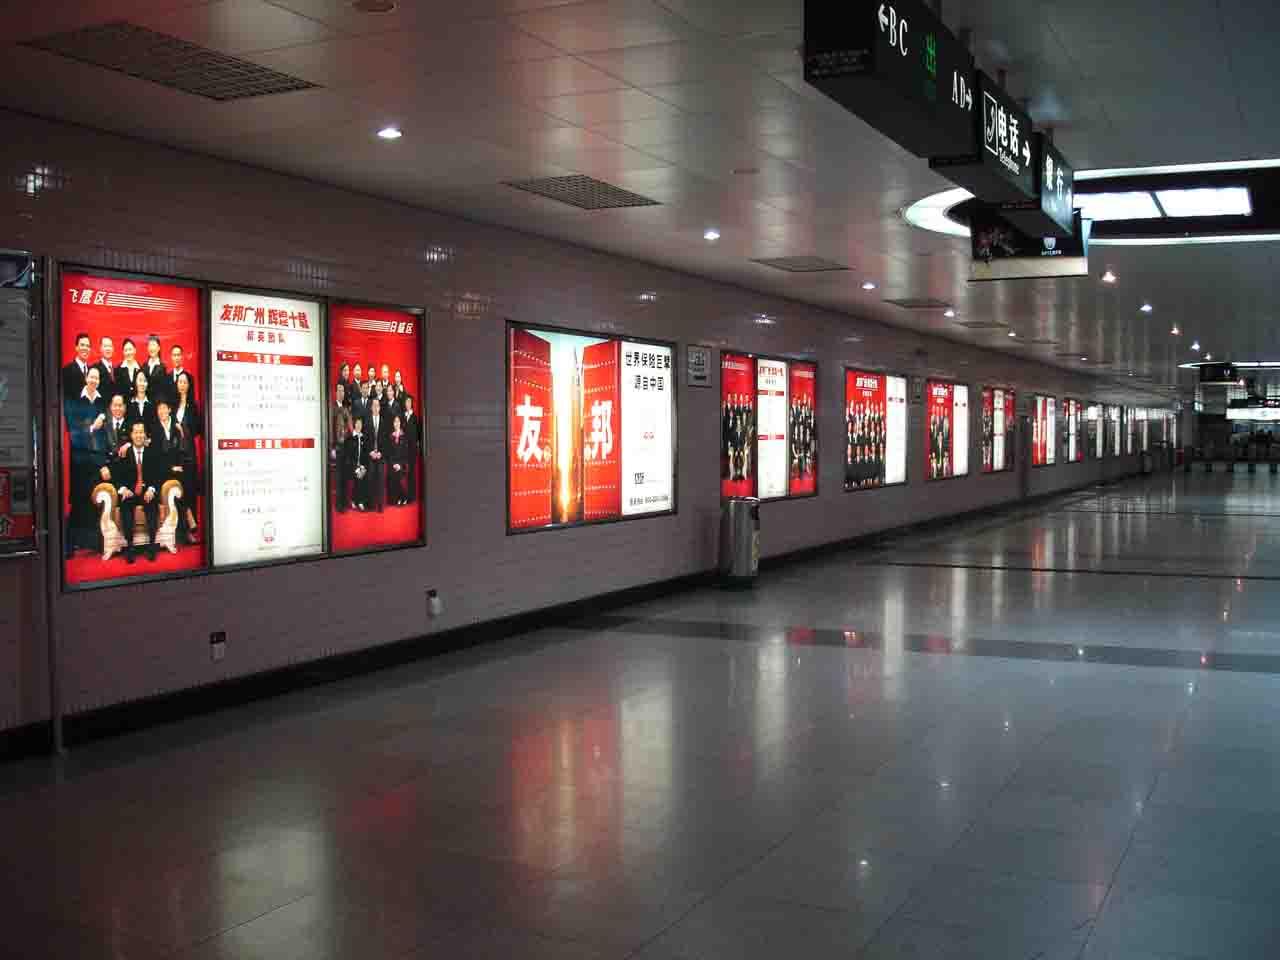 上海吉布森供应PC电子显示屏幕板材(图)